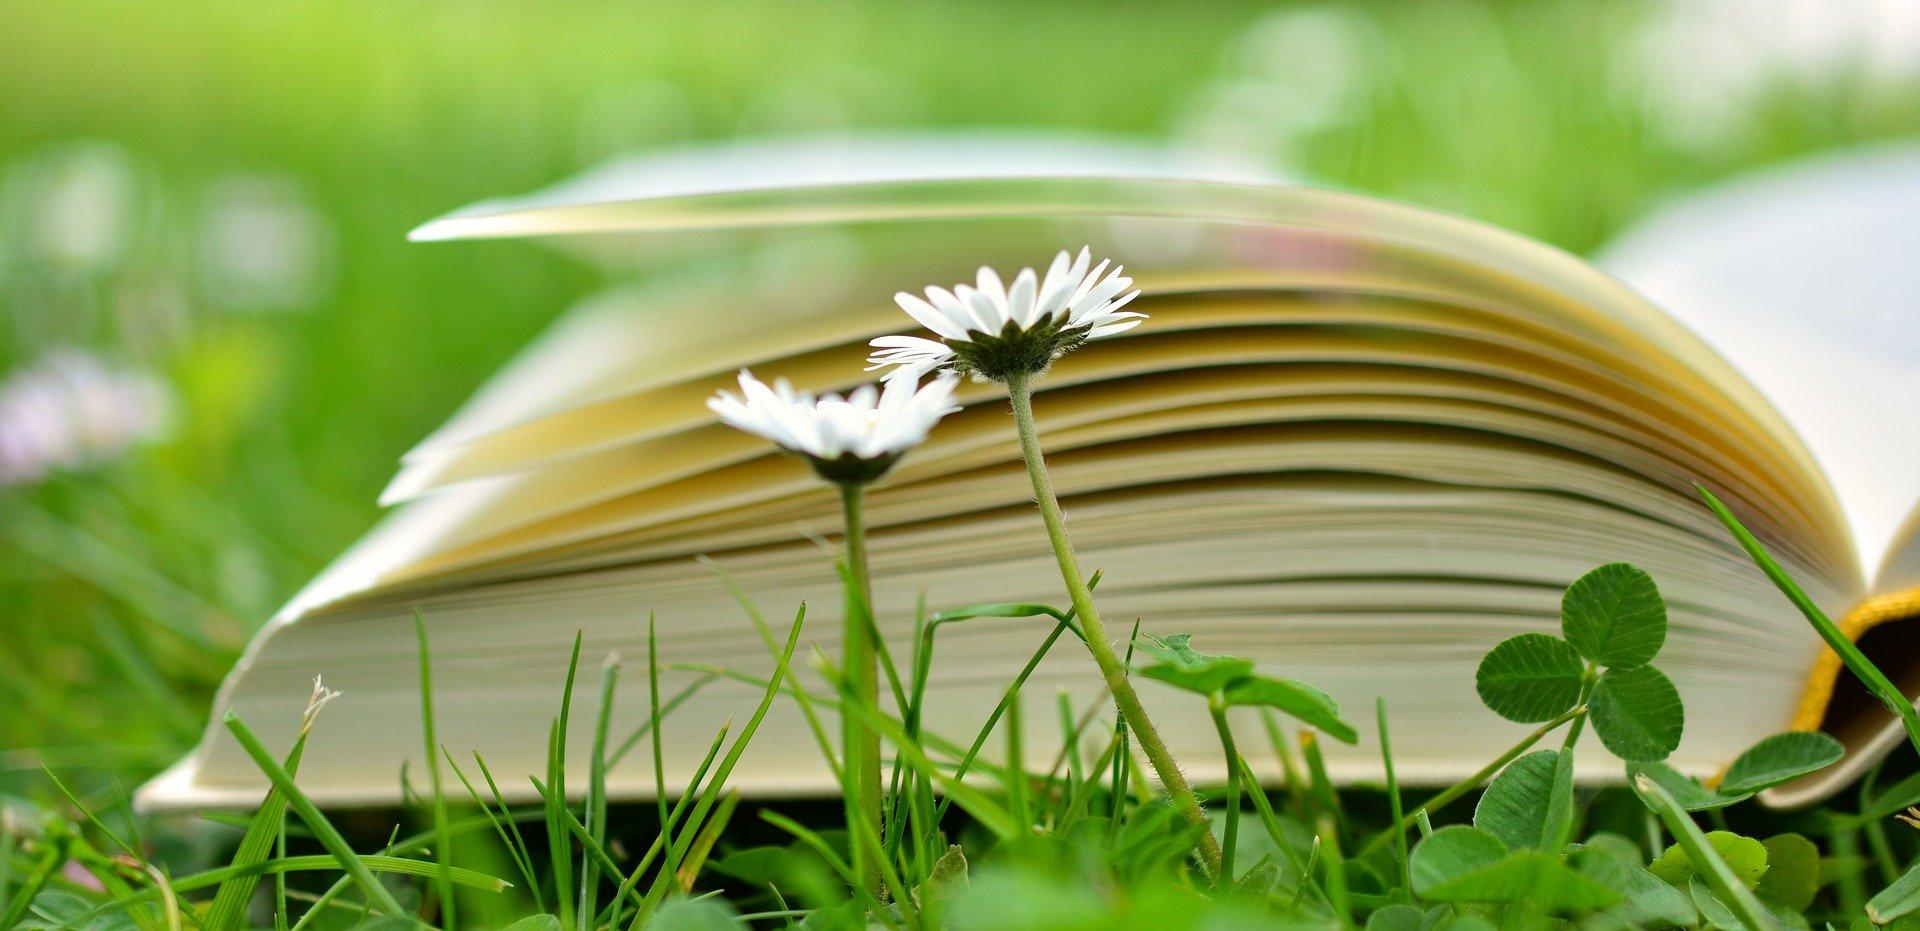 Psicólogo en Denia, entra en mi blog e infórmate sobre las diferentes modalidades de la Psicoterapia.